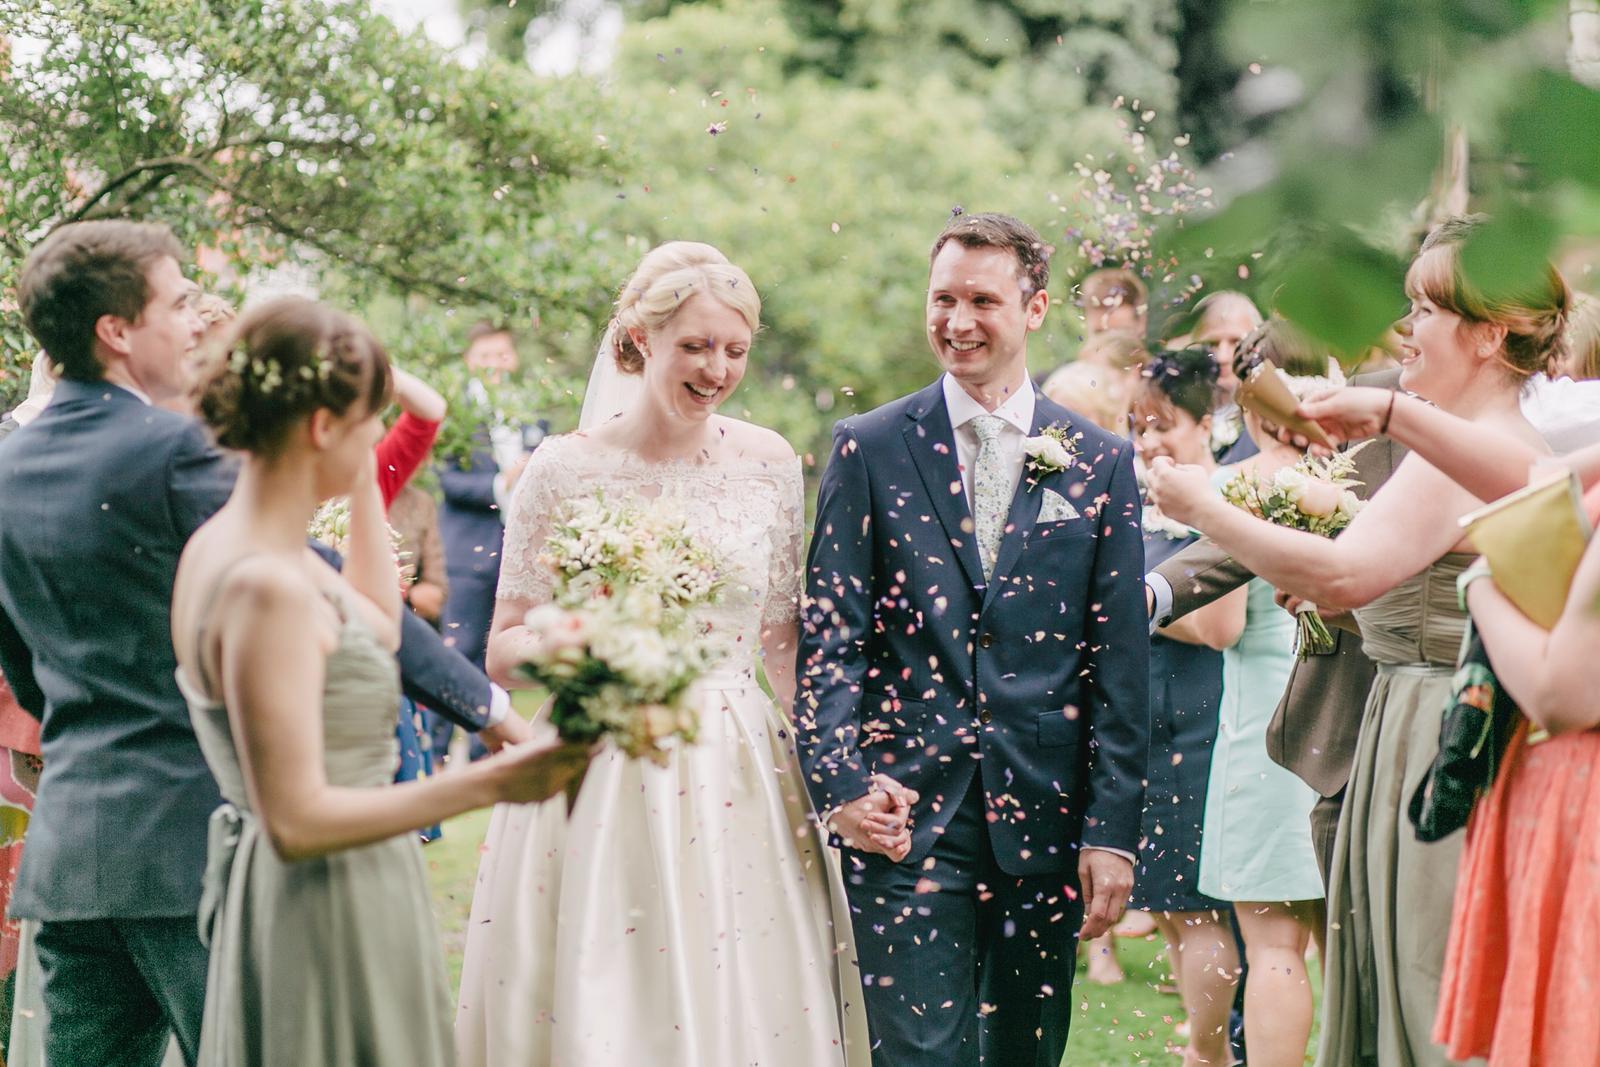 """Milé dámy, pre tie z vás, ktorým je FB bližší a chceli by sa o svadbe rozprávať aj tam, sme vytvorili skupinu """"Svadba a všetko okolo nej"""": https://www.facebook.com/groups/345428072553316 :) vytvorili sme ju ako ako doplnok k stránke Moja svadba, ale budeme radi, ak bude slúžiť aj nevestám, ktorým je prostredie Facebooku sympatickejšie a radšej sa o svojich svadobných prípravách budú radiť tam :) Tak sa pridajte a popozývajte aj ďalšie kamarátky, nevesty, a zdieľajme svadobné radosti a starosti spolu. Ako sa vraví, viac hláv, viac rozumu, viac svadobných rád a inšpirácií :) A skupina je uzavretá, takže budúci manžel ani rodina vaše plánovacie príspevky neuvidia :) - Obrázok č. 1"""